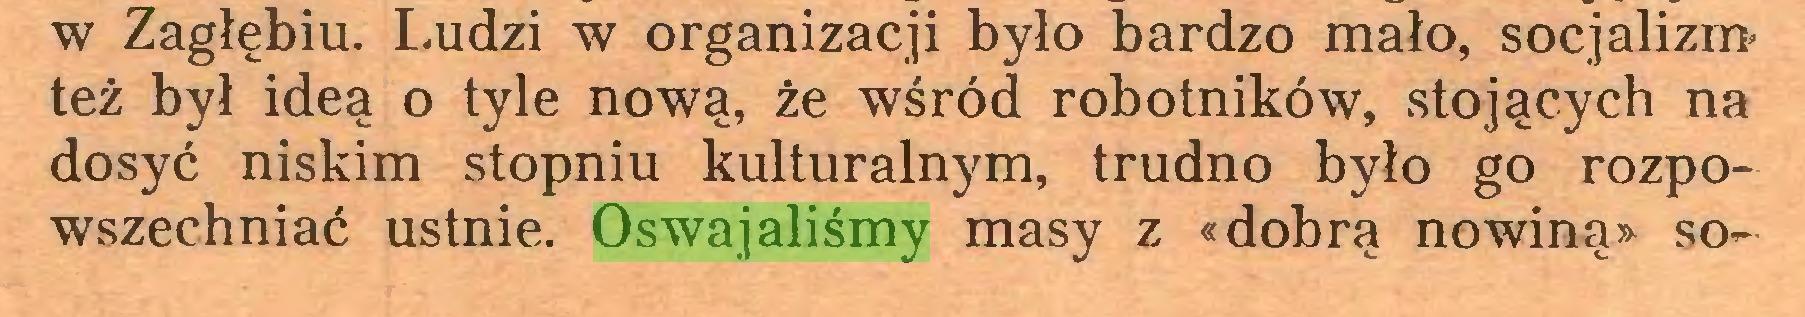 (...) w Zagłębiu. Ludzi w organizacji było bardzo mało, socjalizm* też był ideą o tyle nową, że wśród robotników, stojących na dosyć niskim stopniu kulturalnym, trudno było go rozpowszechniać ustnie. Oswajaliśmy masy z «dobrą nowiną» so...